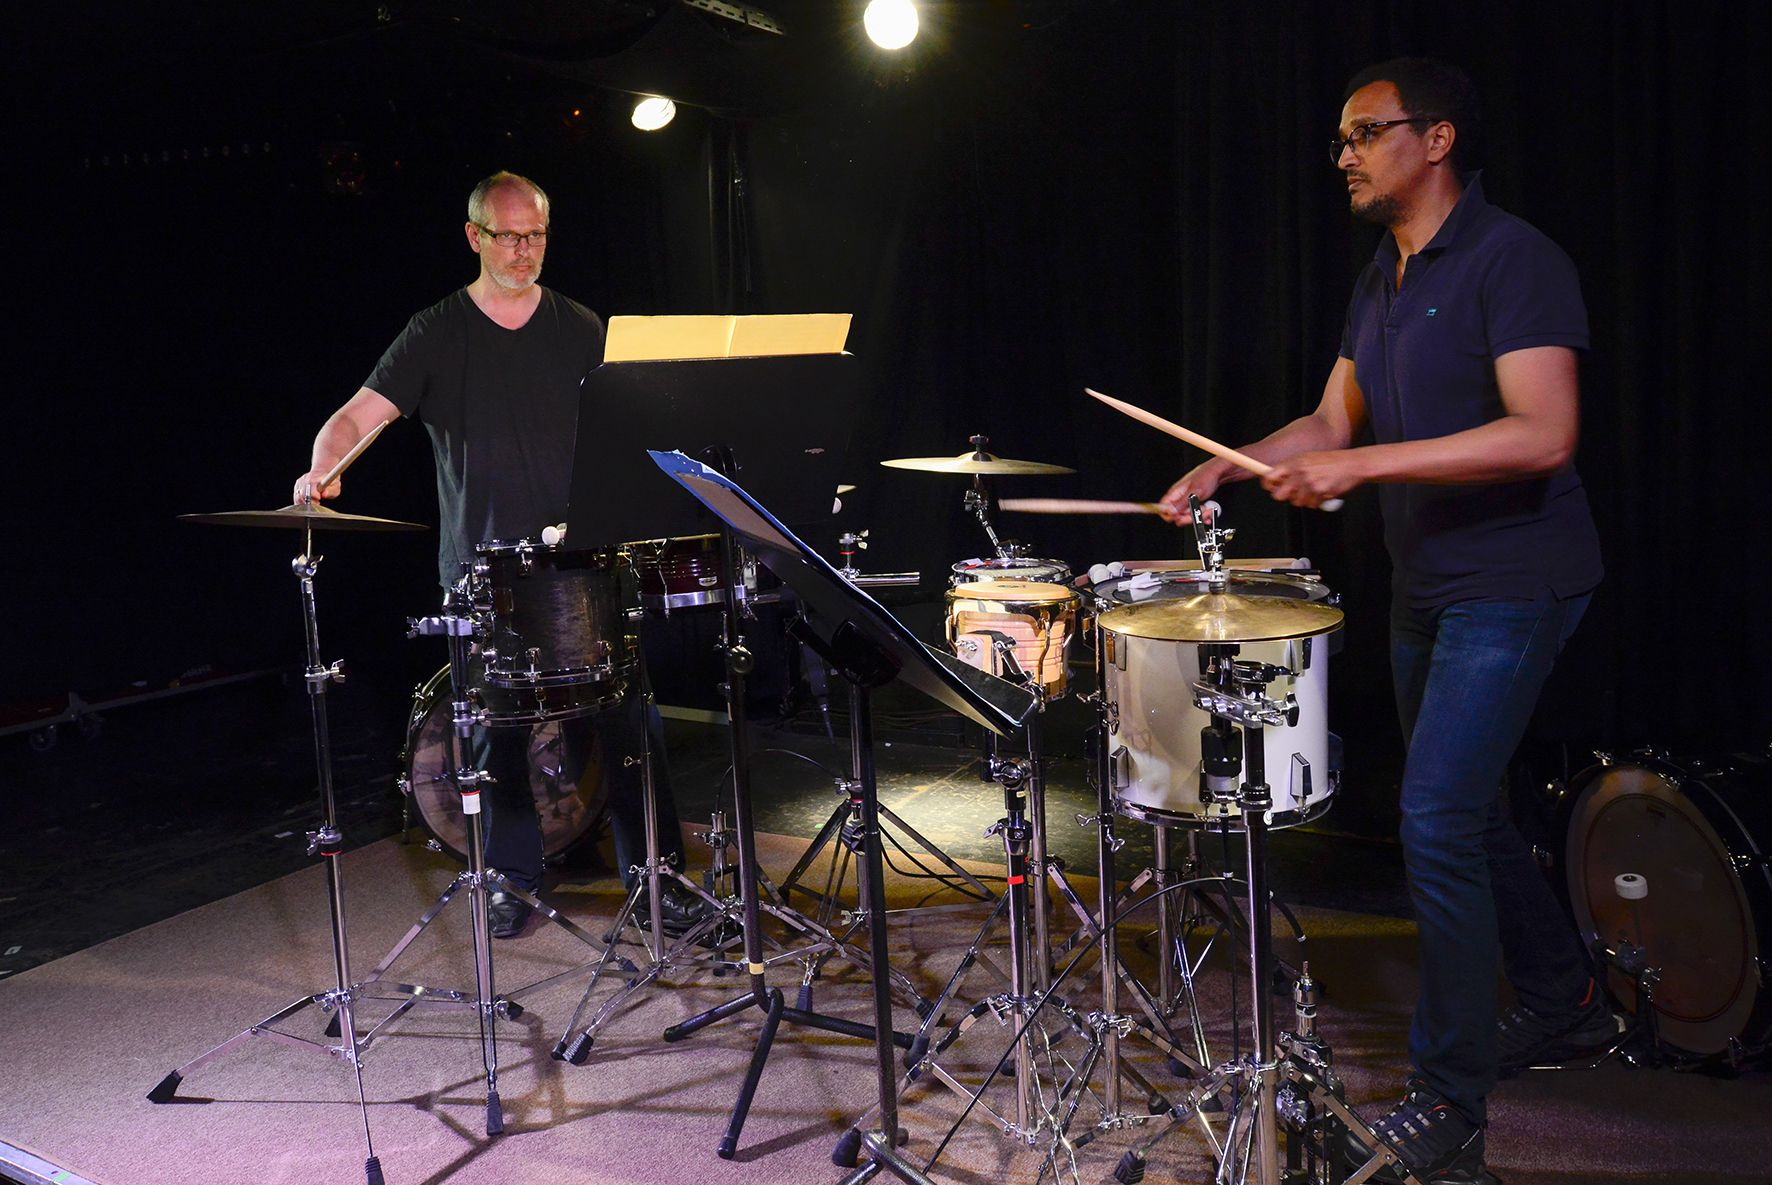 In der Groove Station, spielte die Perkussive Spielvereinigung, Christian Langer und Dominik Oelze (von links nach rechts) - Foto: Matthias Creutziger